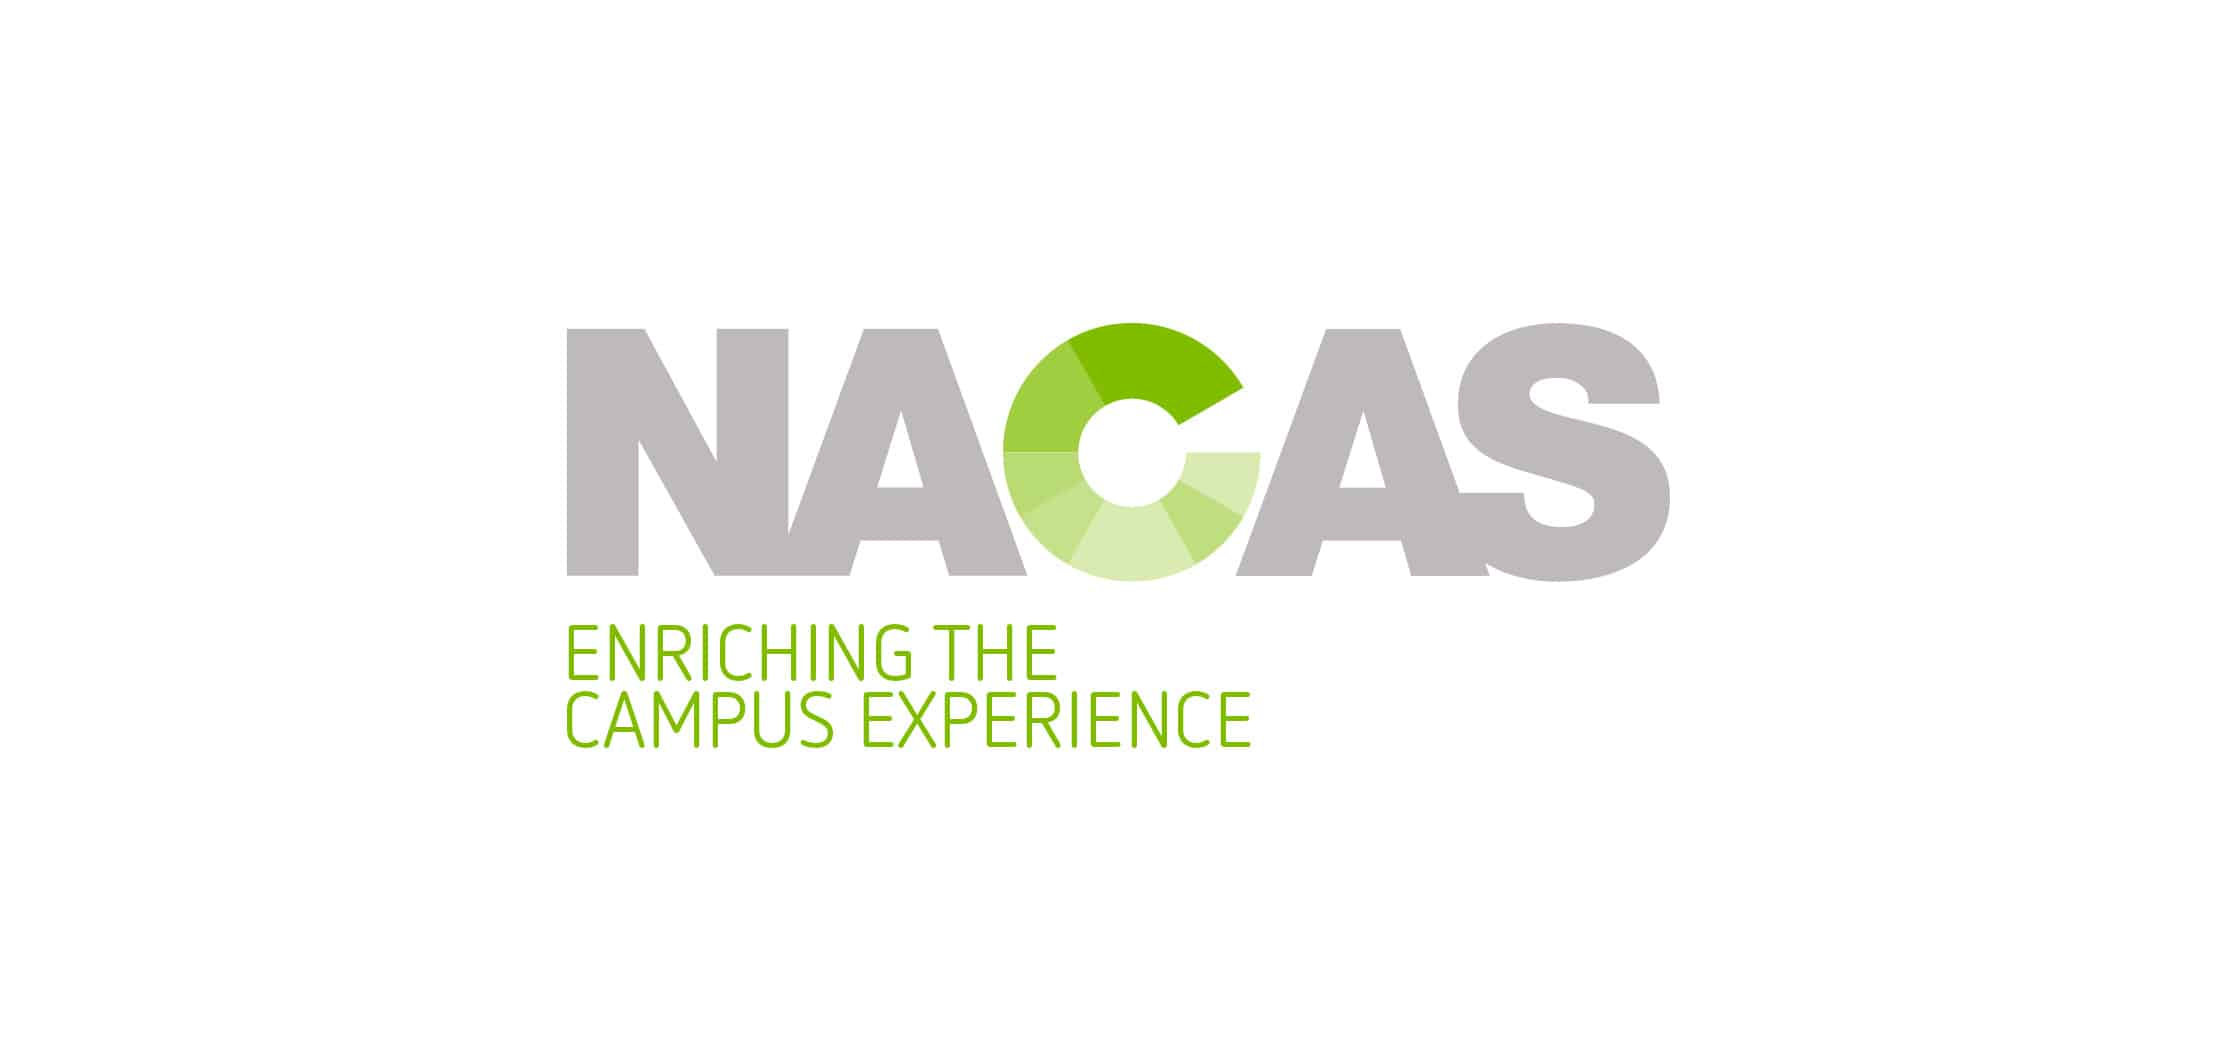 nacas-logo-fullwidth-6